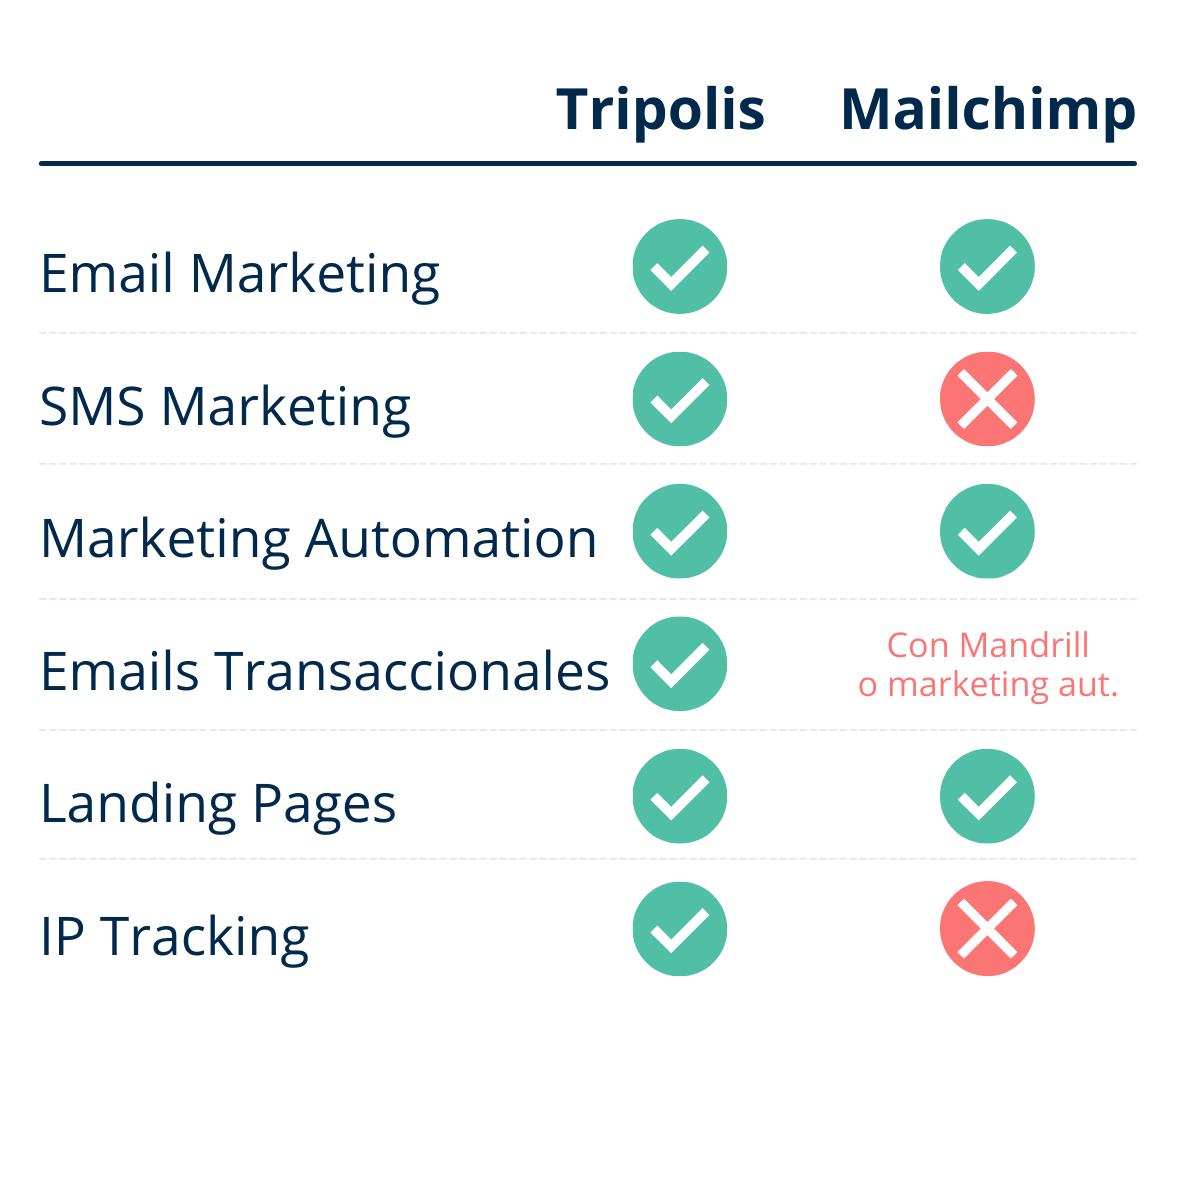 Tripolis vs Mailchimp Software